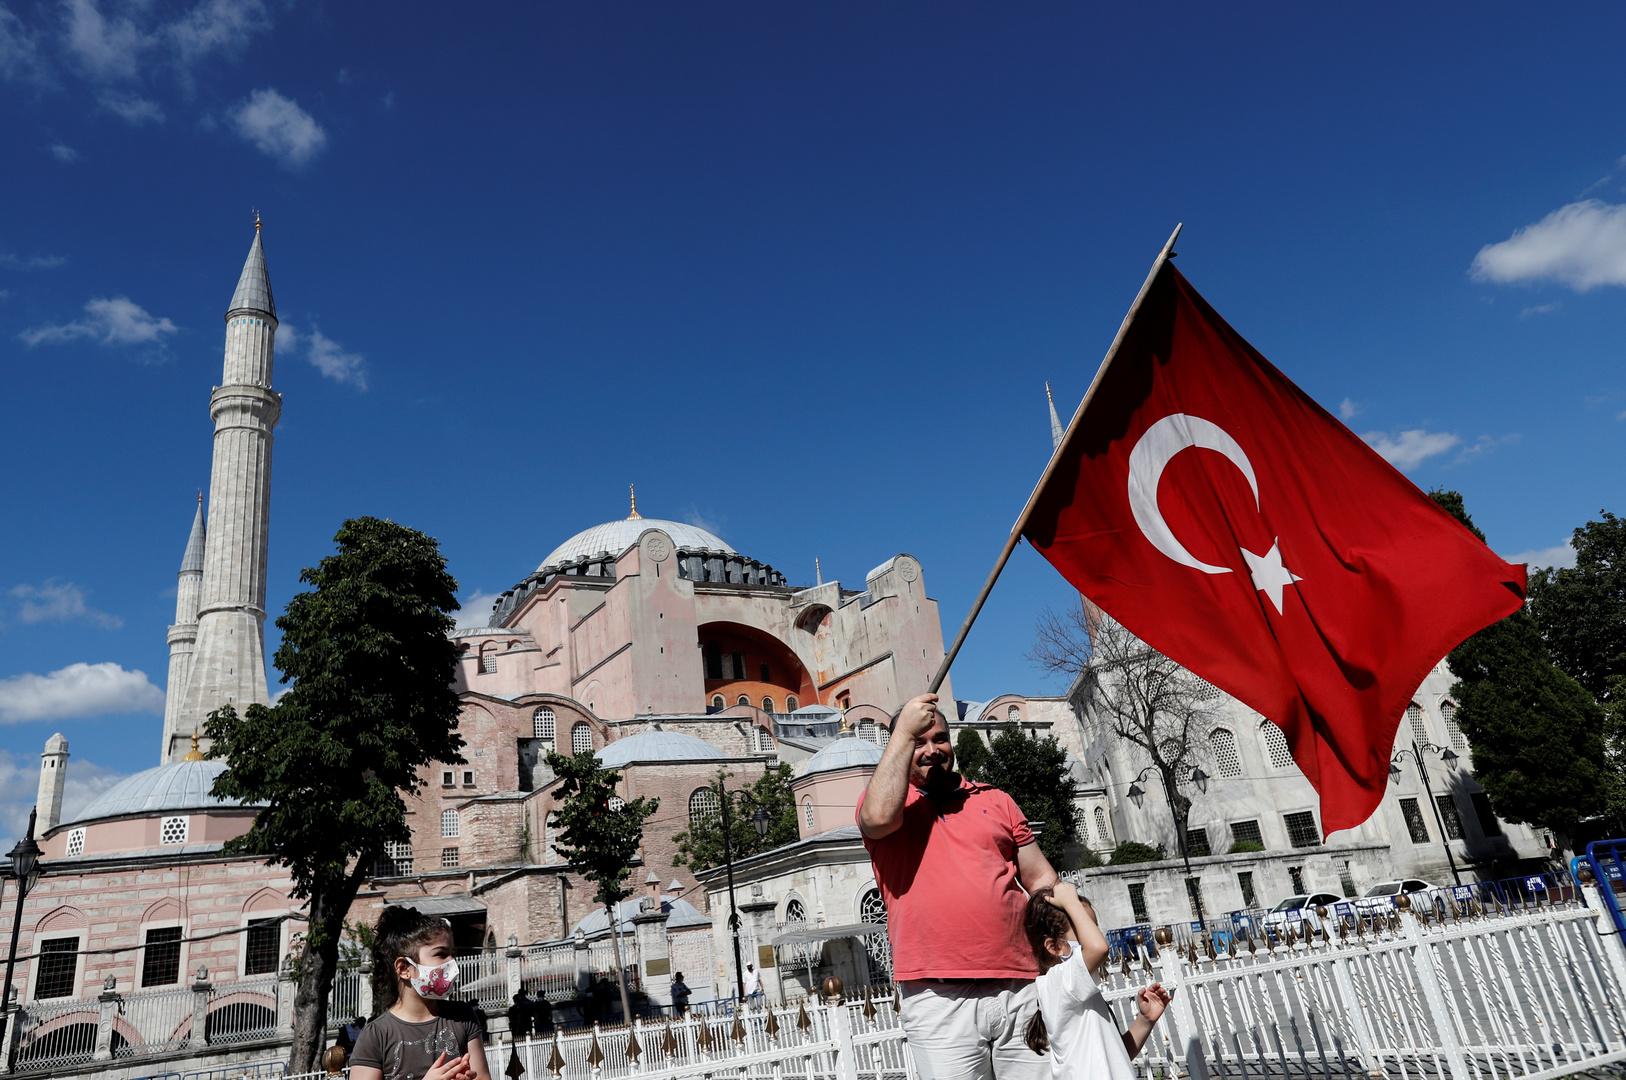 أردوغان يوقع مرسوما يقضي بفتح معلم آيا صوفيا التاريخي كمسجد